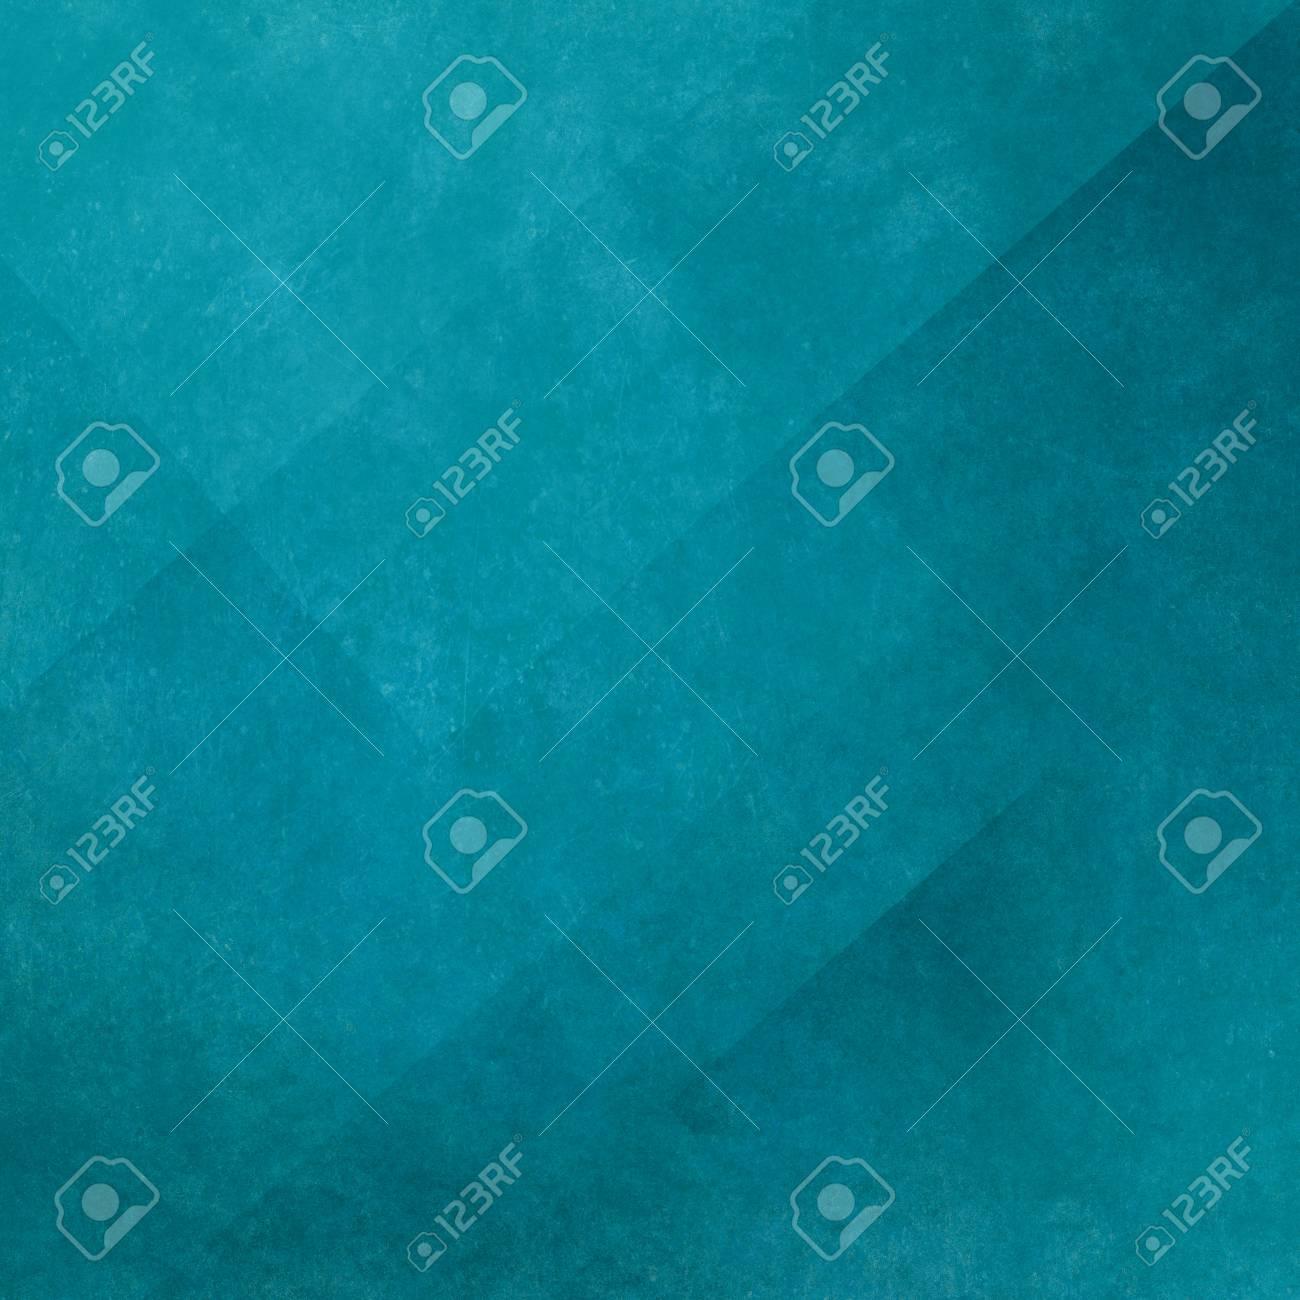 blue vintage grunge background texture - 45075401